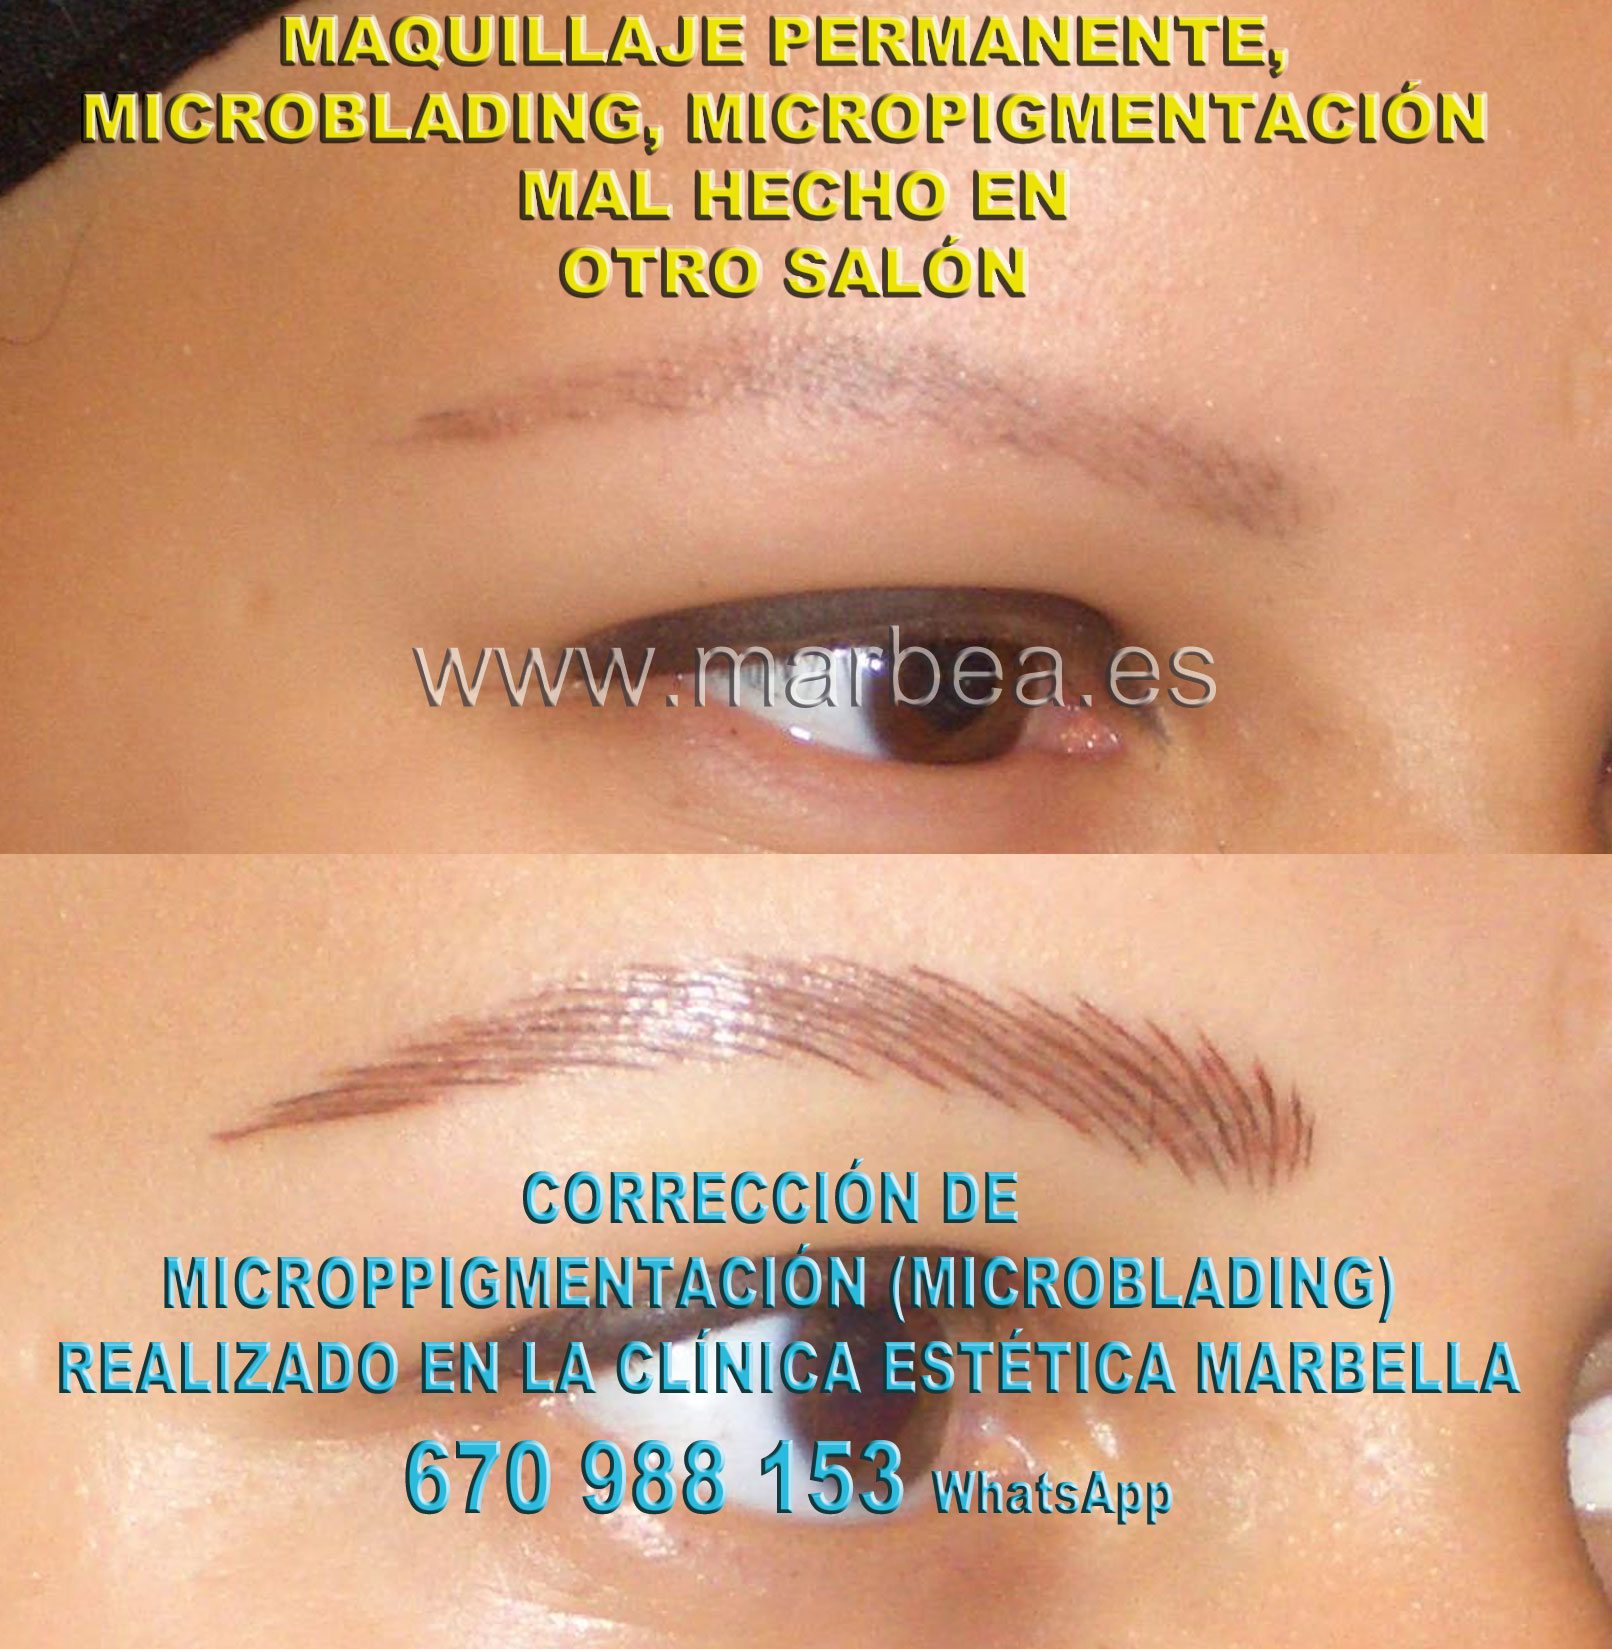 CORREGIR MICROPIGMENTACION MAL HECHA clínica estética micropigmentación entrega micropigmentacion correctiva de cejas,corregir micropigmentación no deseada